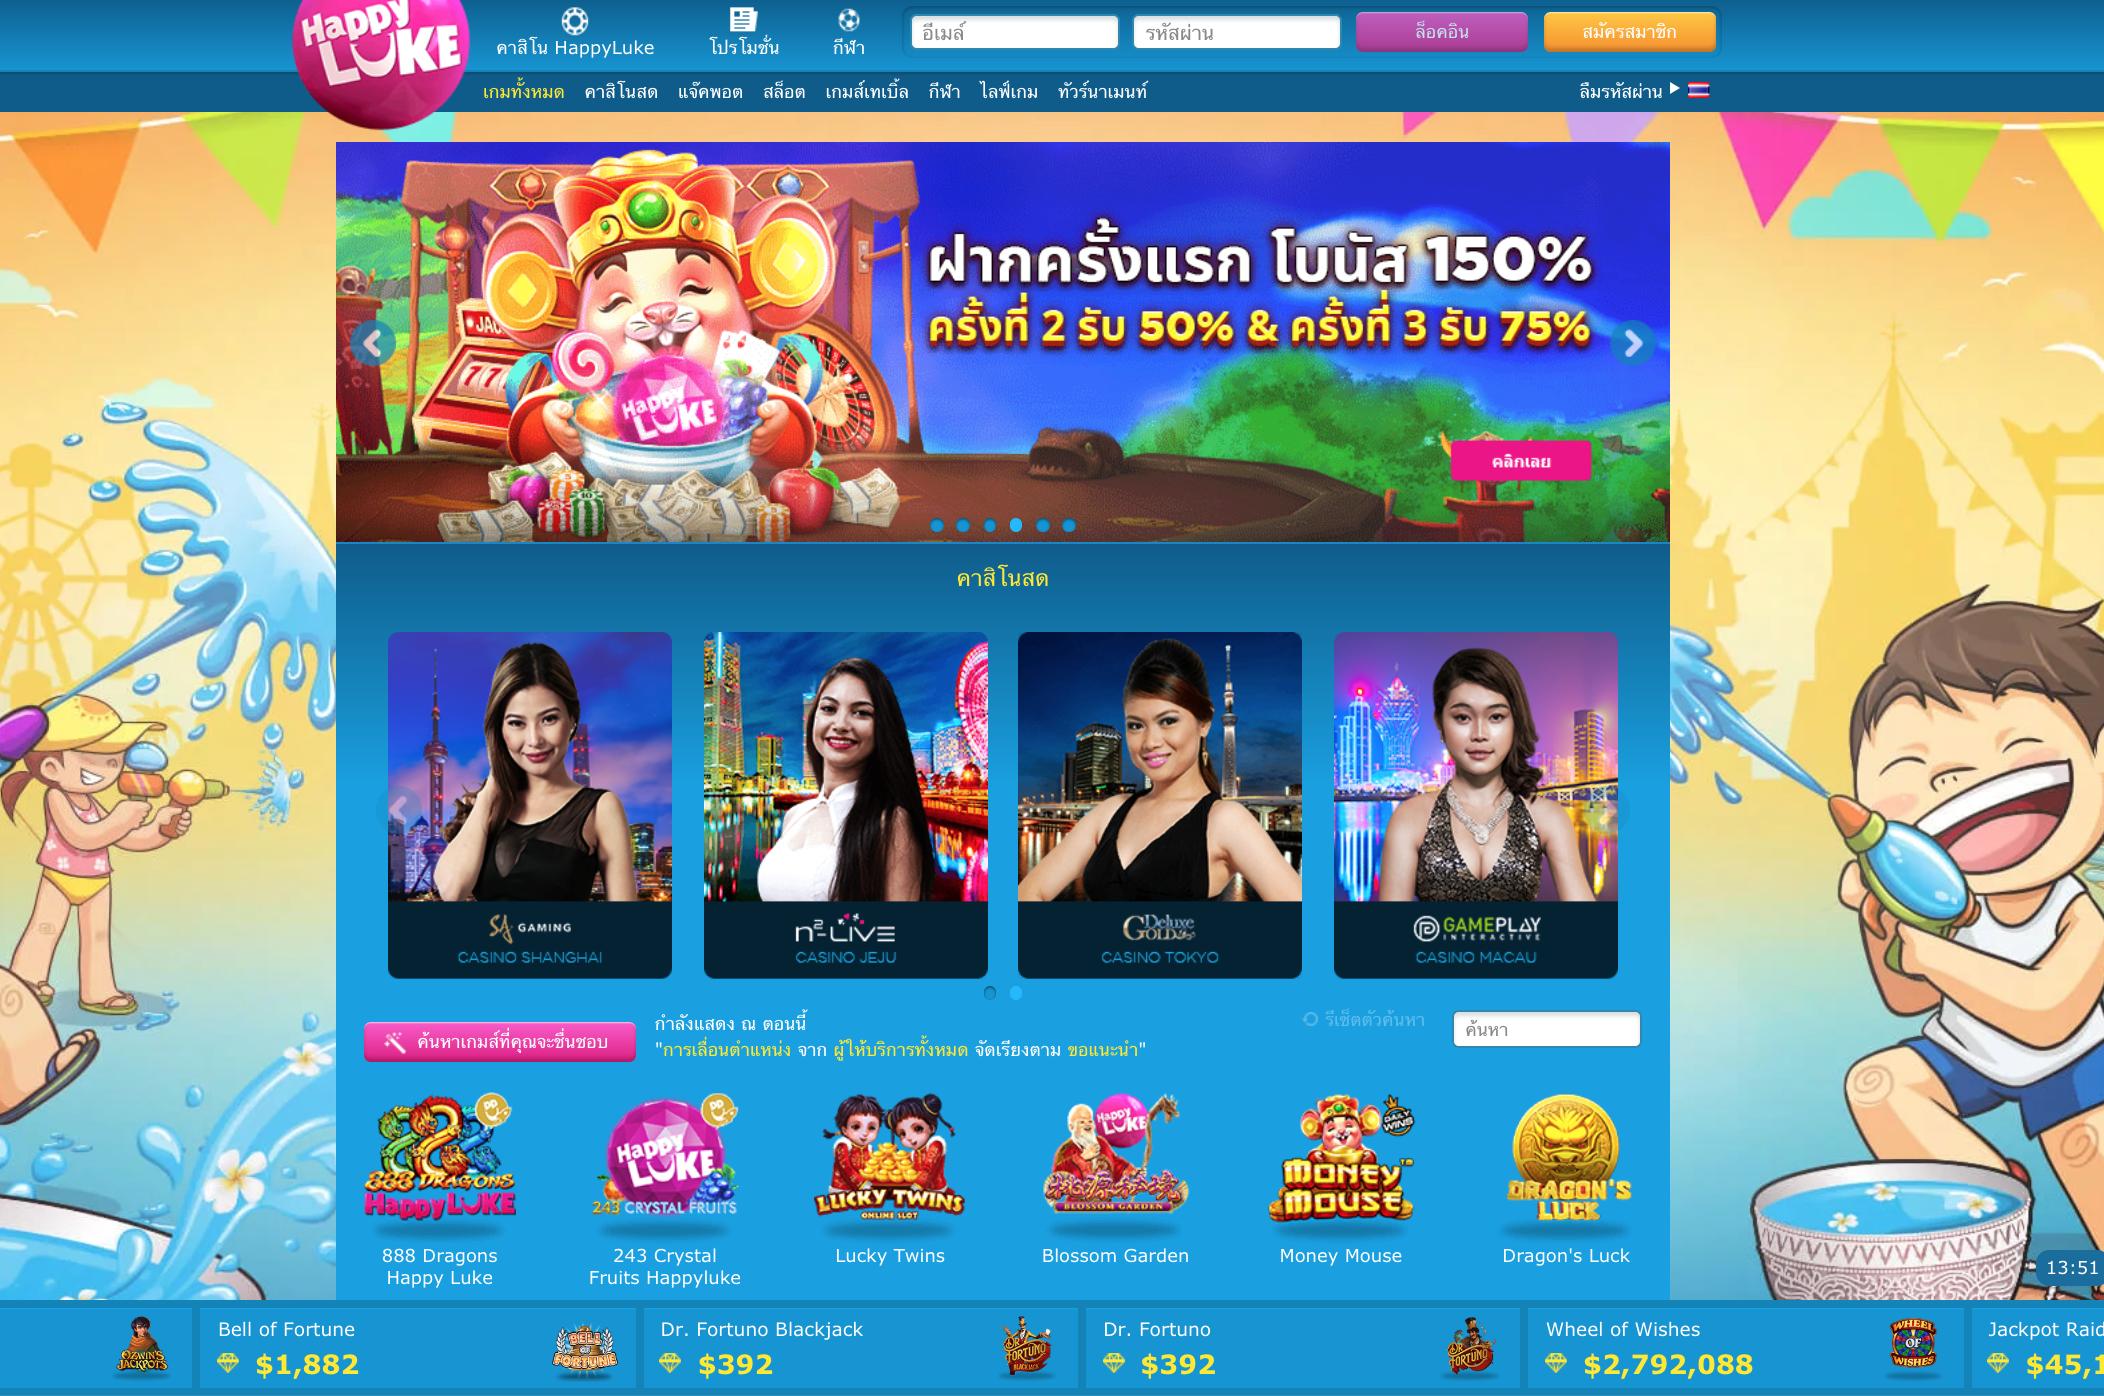 HappyLuke Casino page view